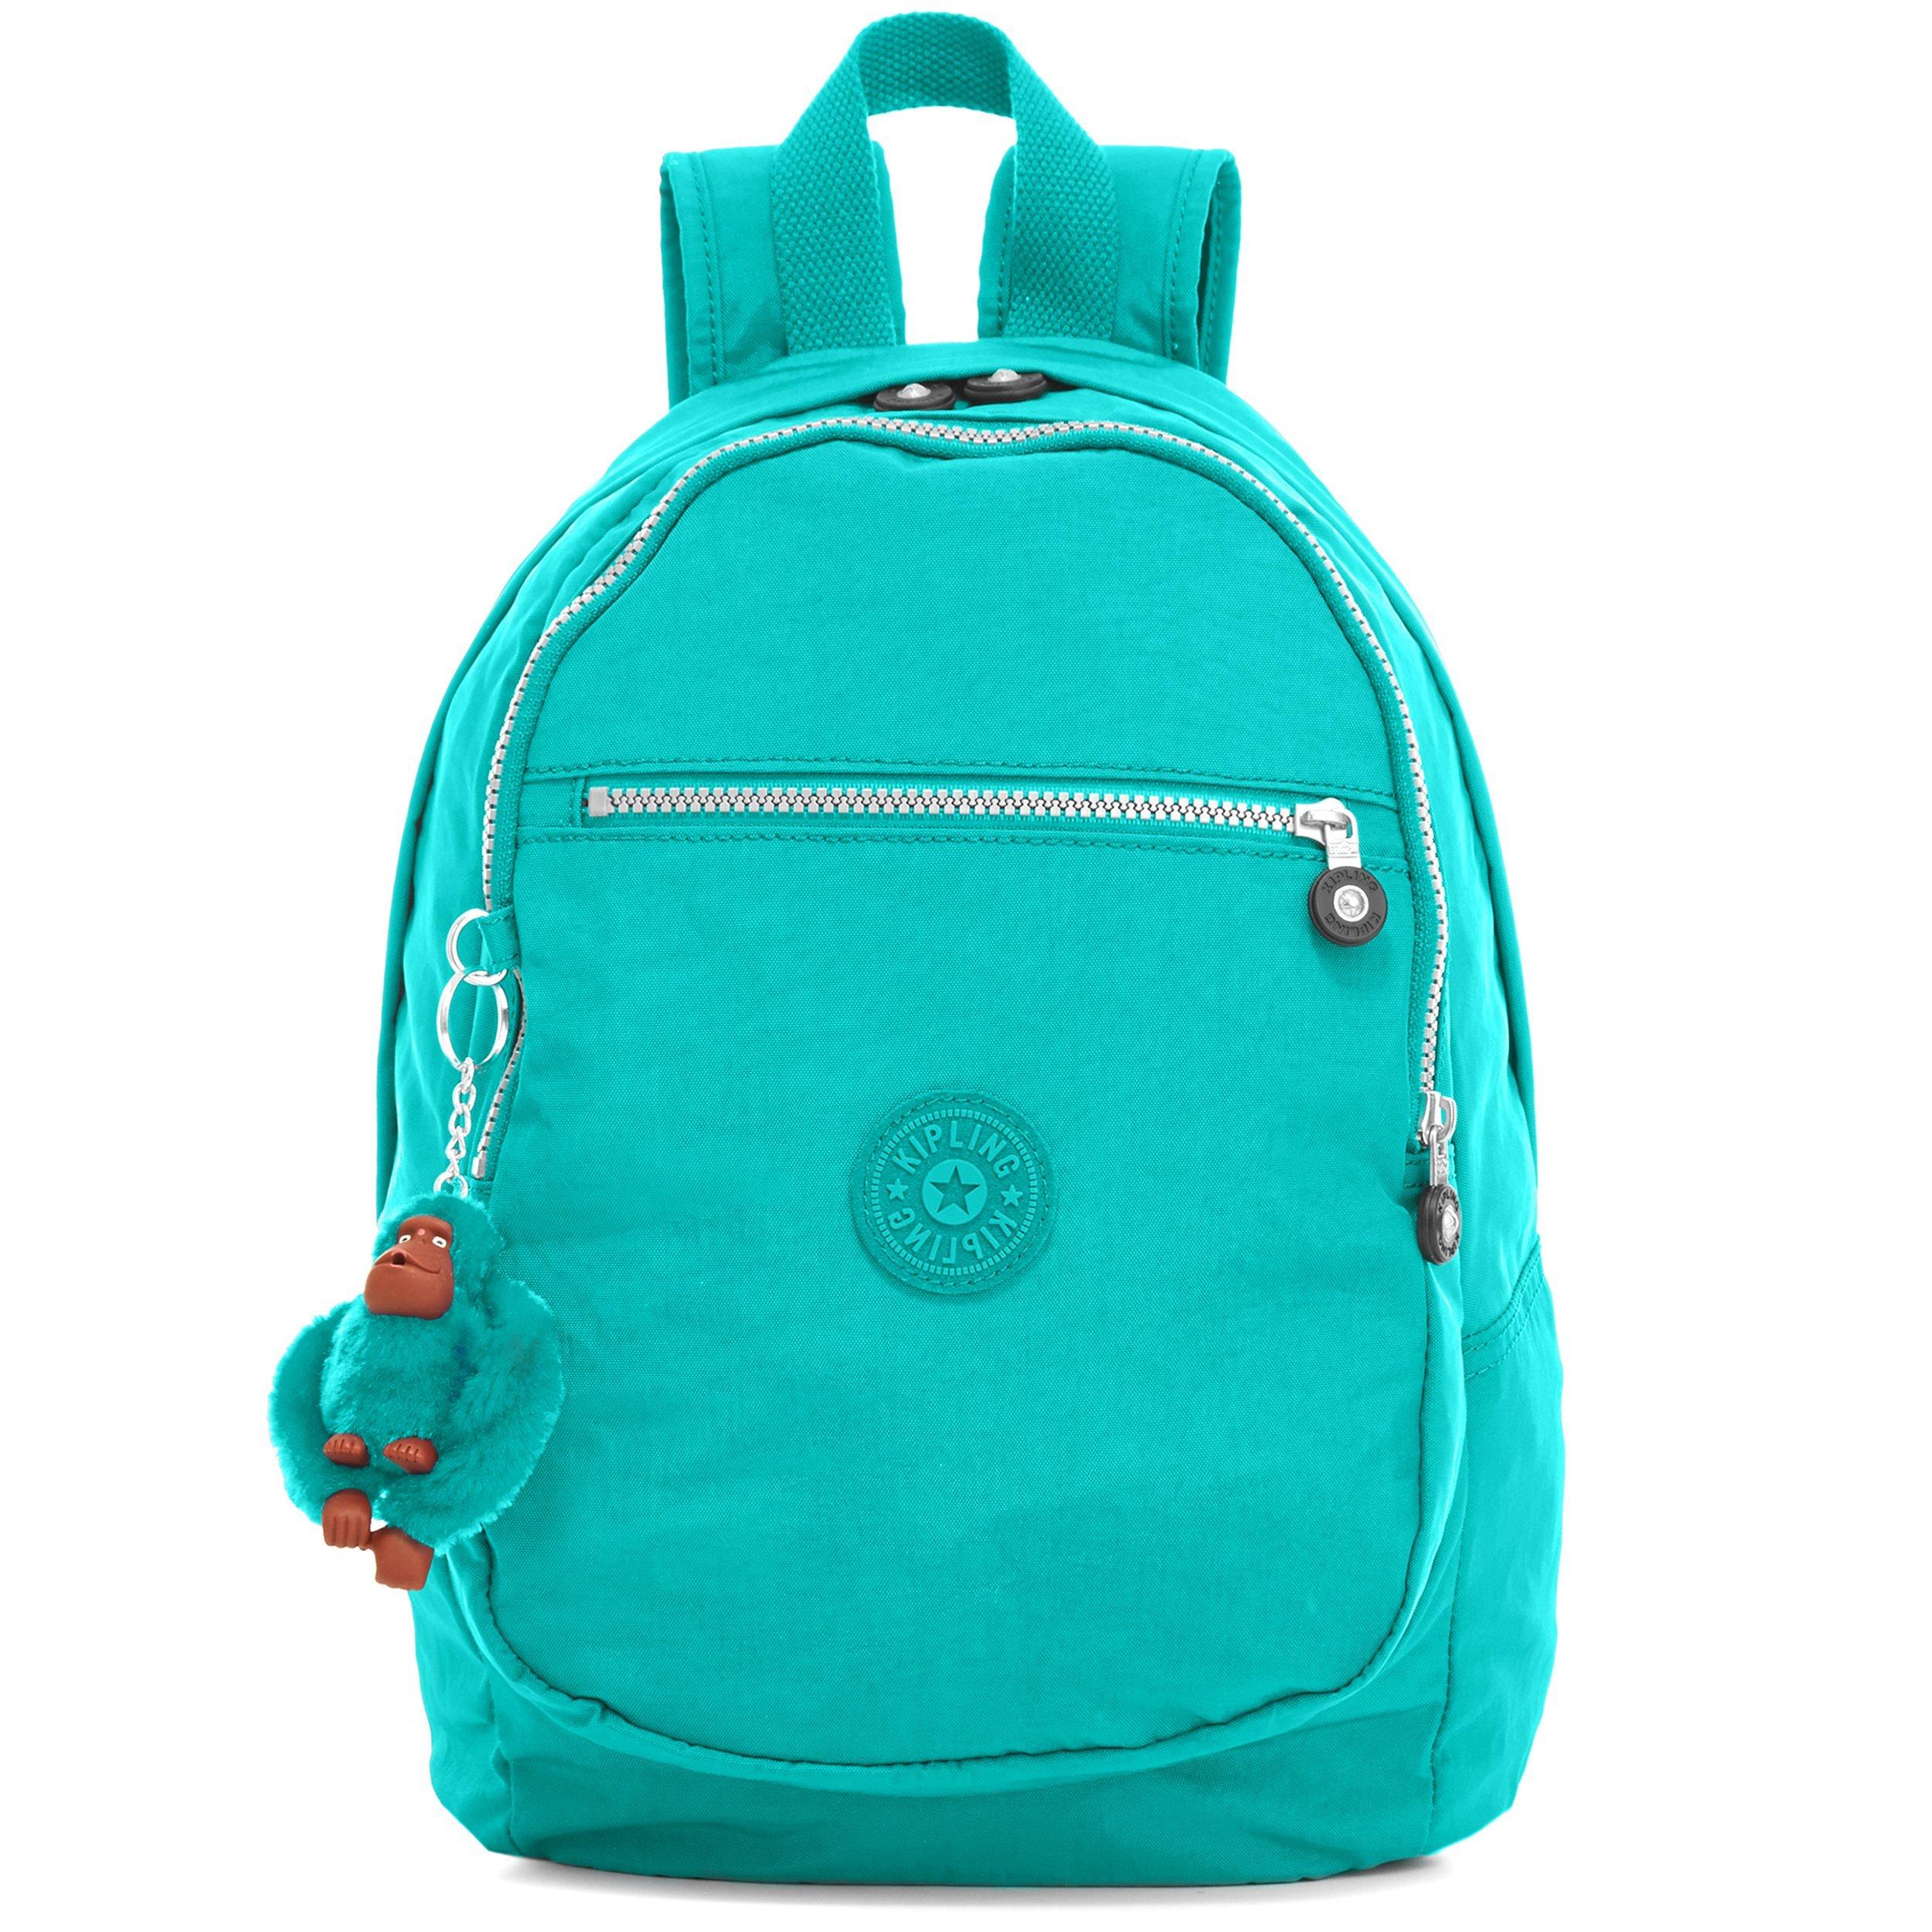 Kipling Challenger II Backpack, Turquoise, One Size